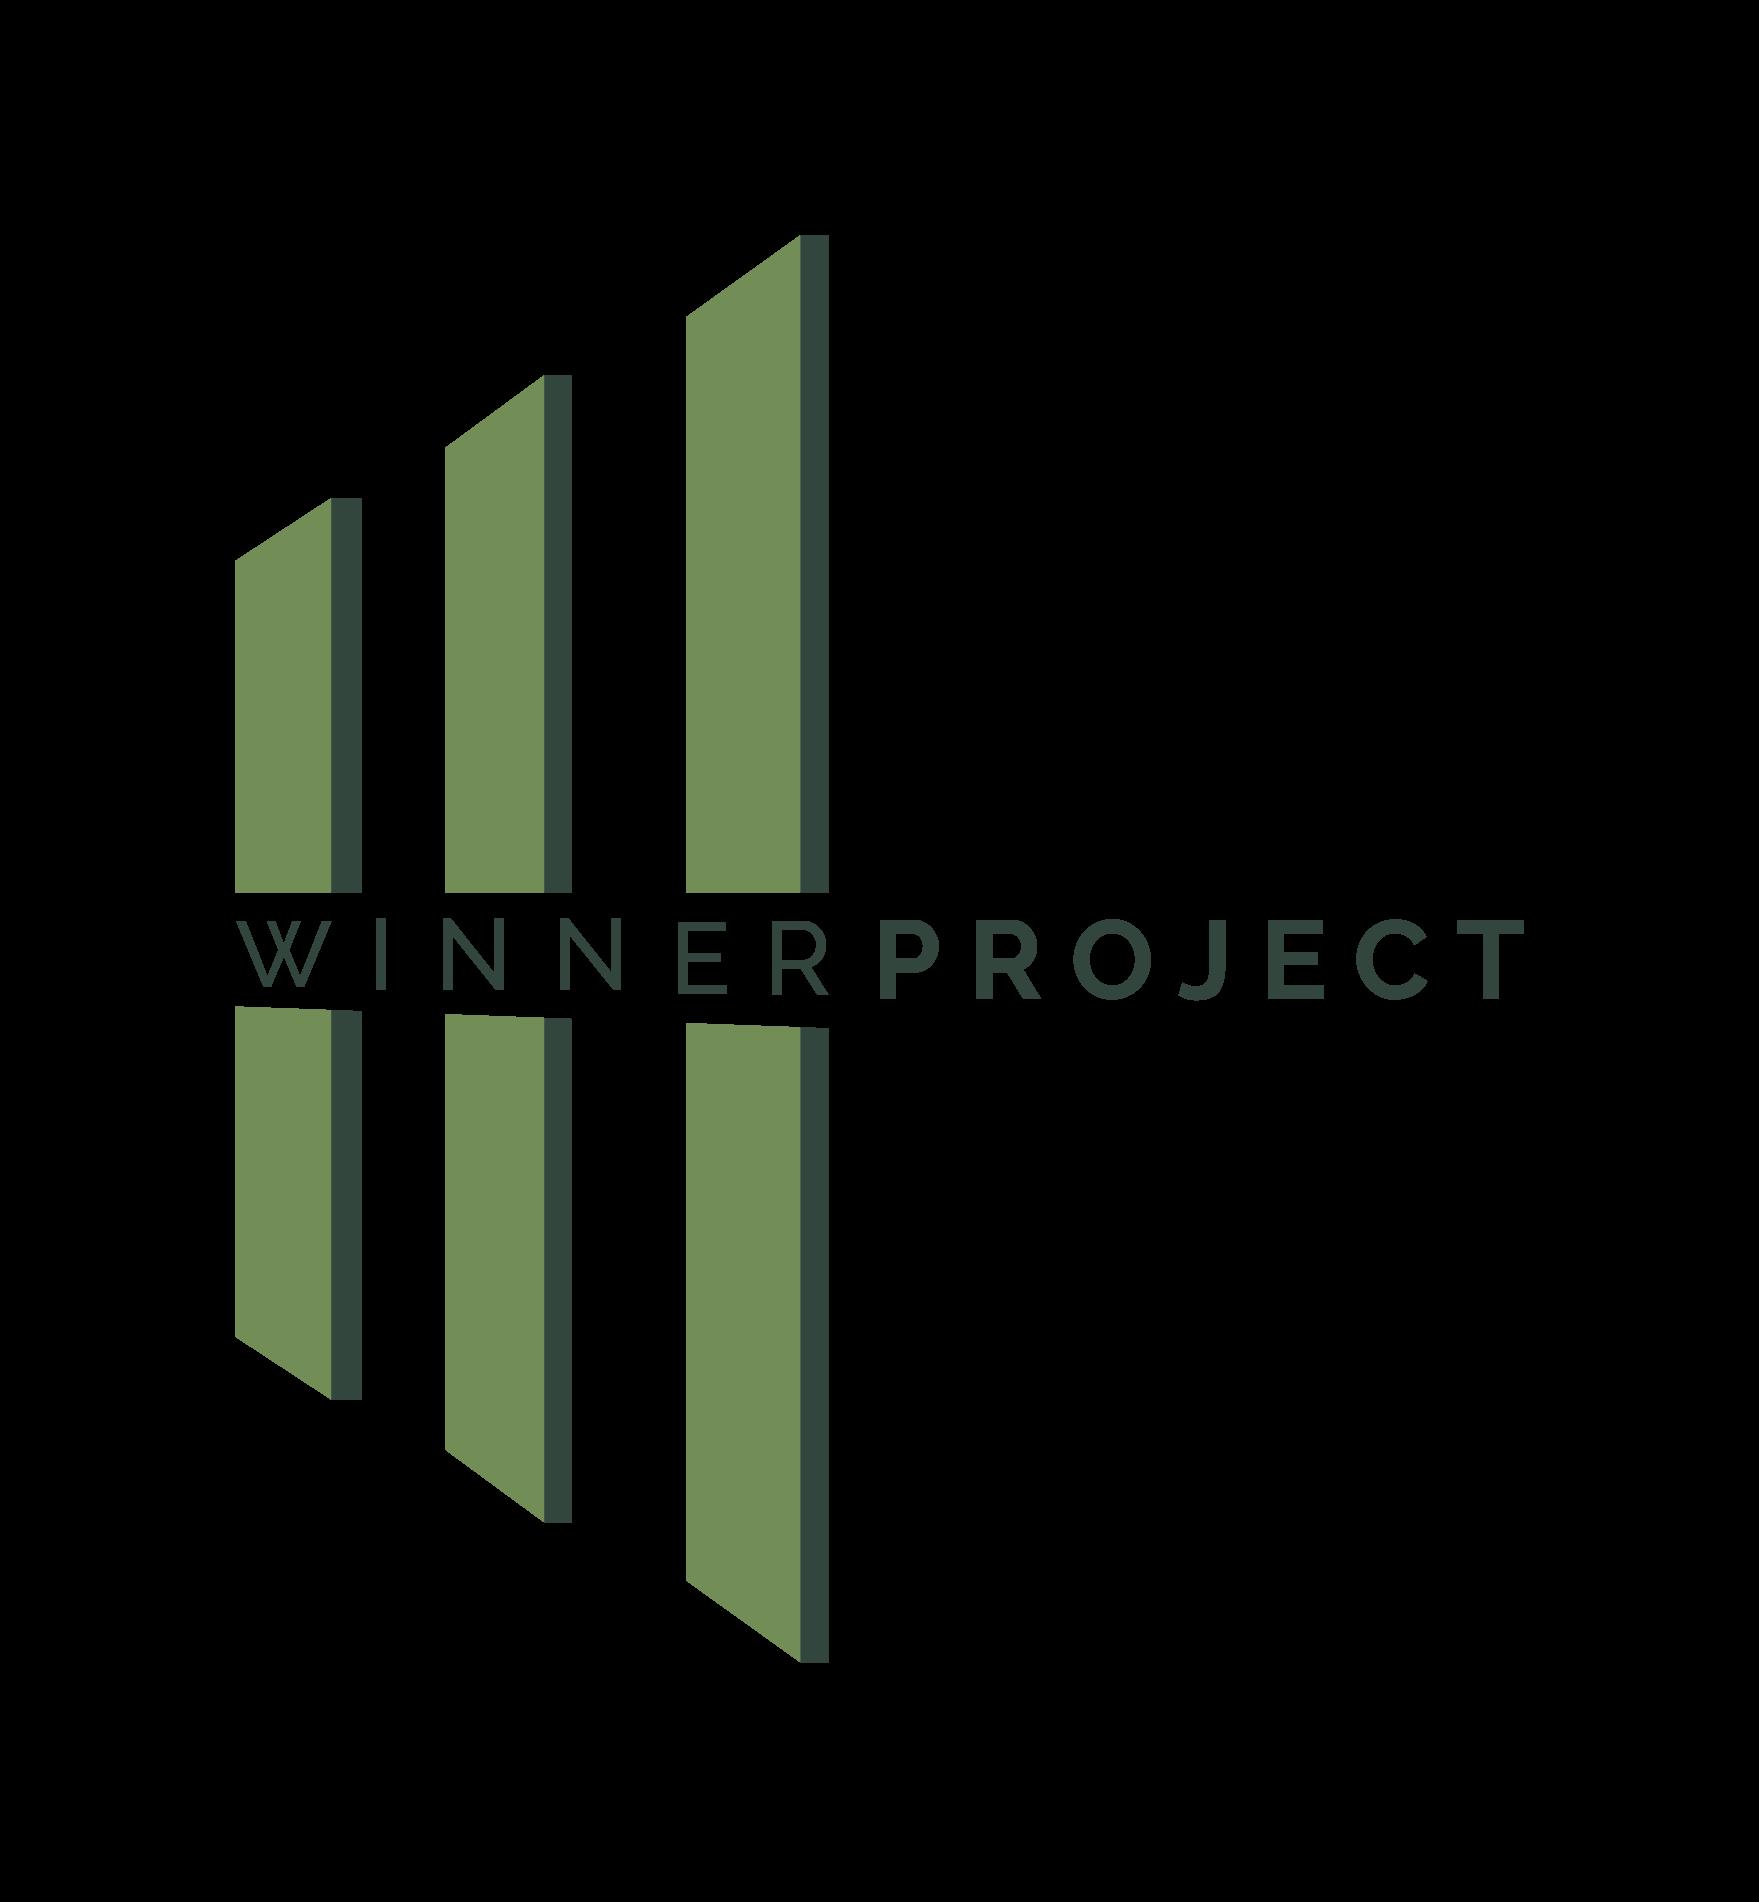 WinnerProject